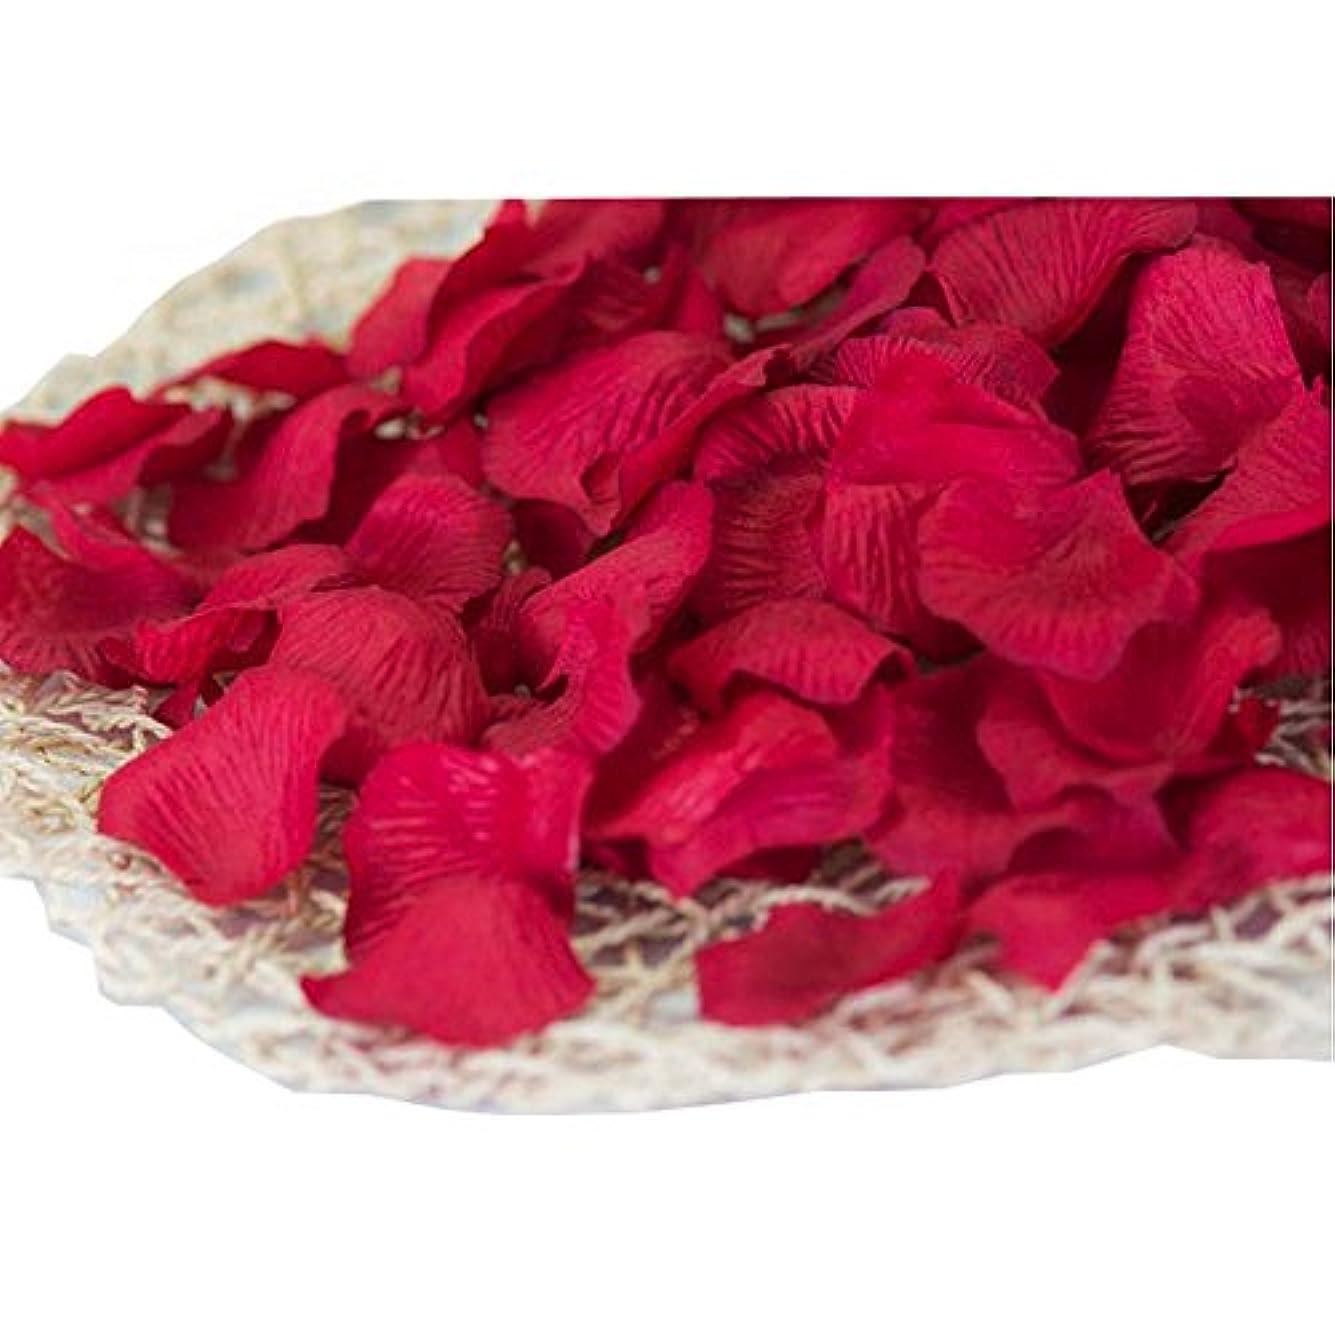 840の結婚式のための暗赤色の人工ローズフラワーの花びら